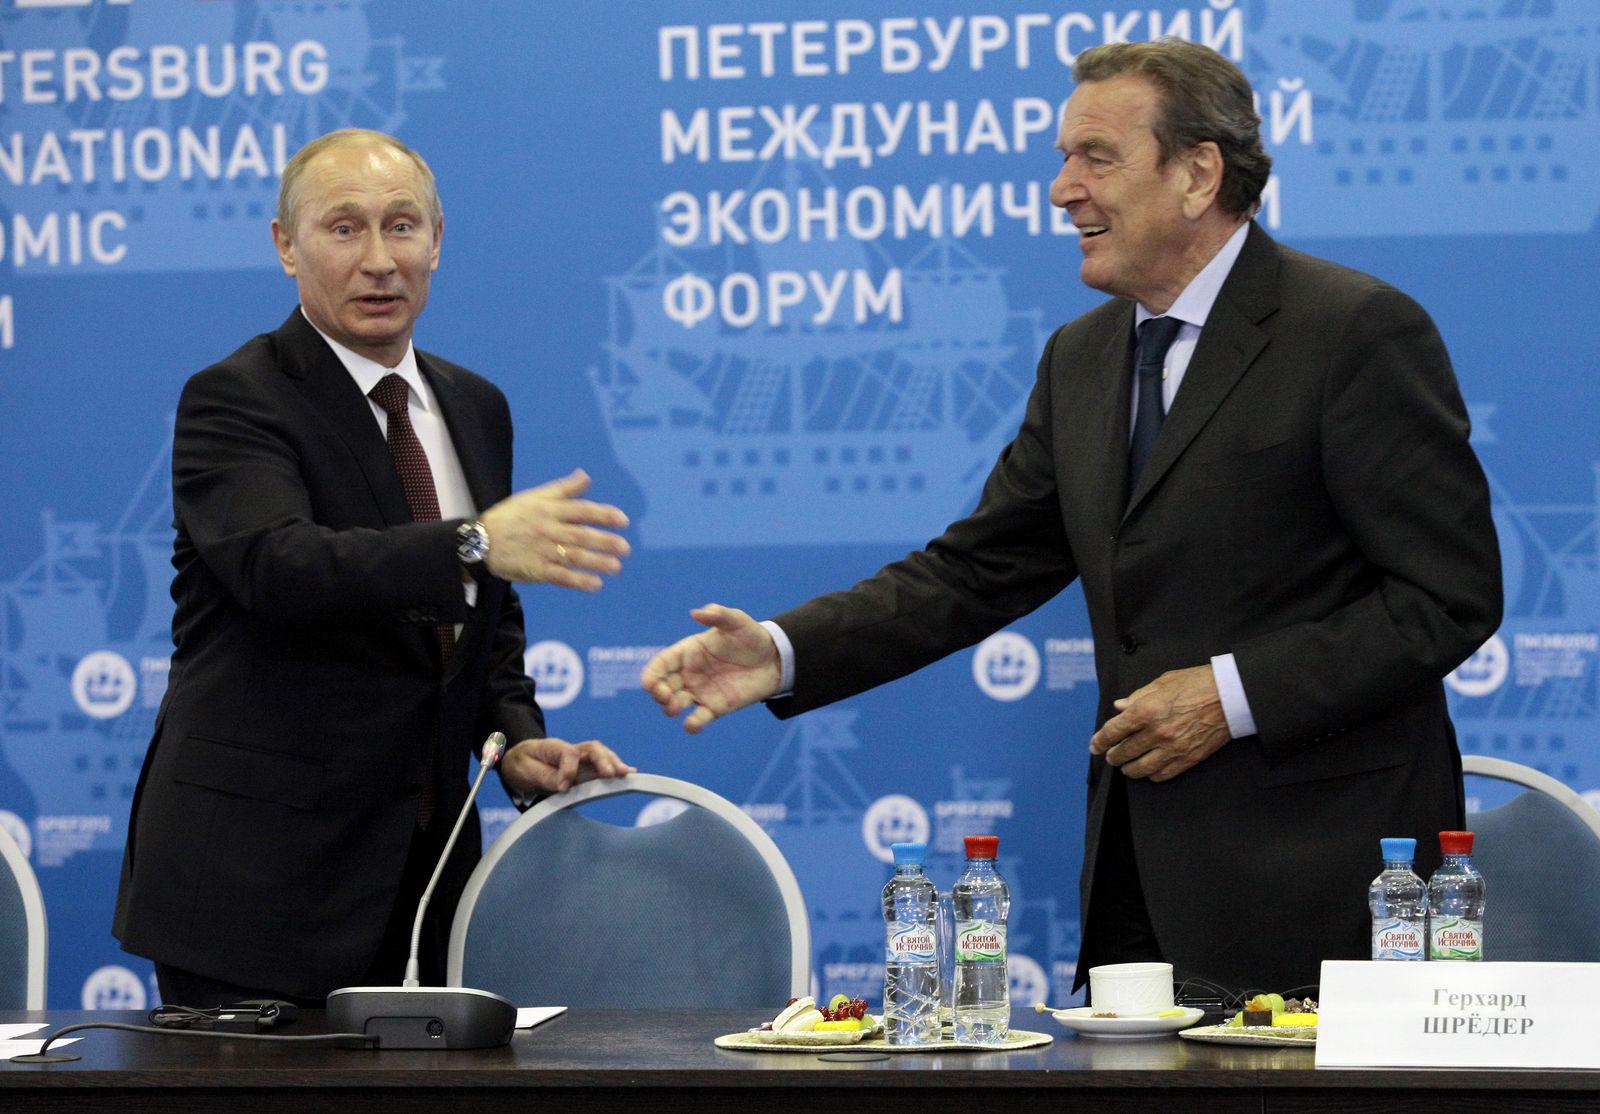 St Petersburg/ Vladimir Putin/ Gerhard Schroeder